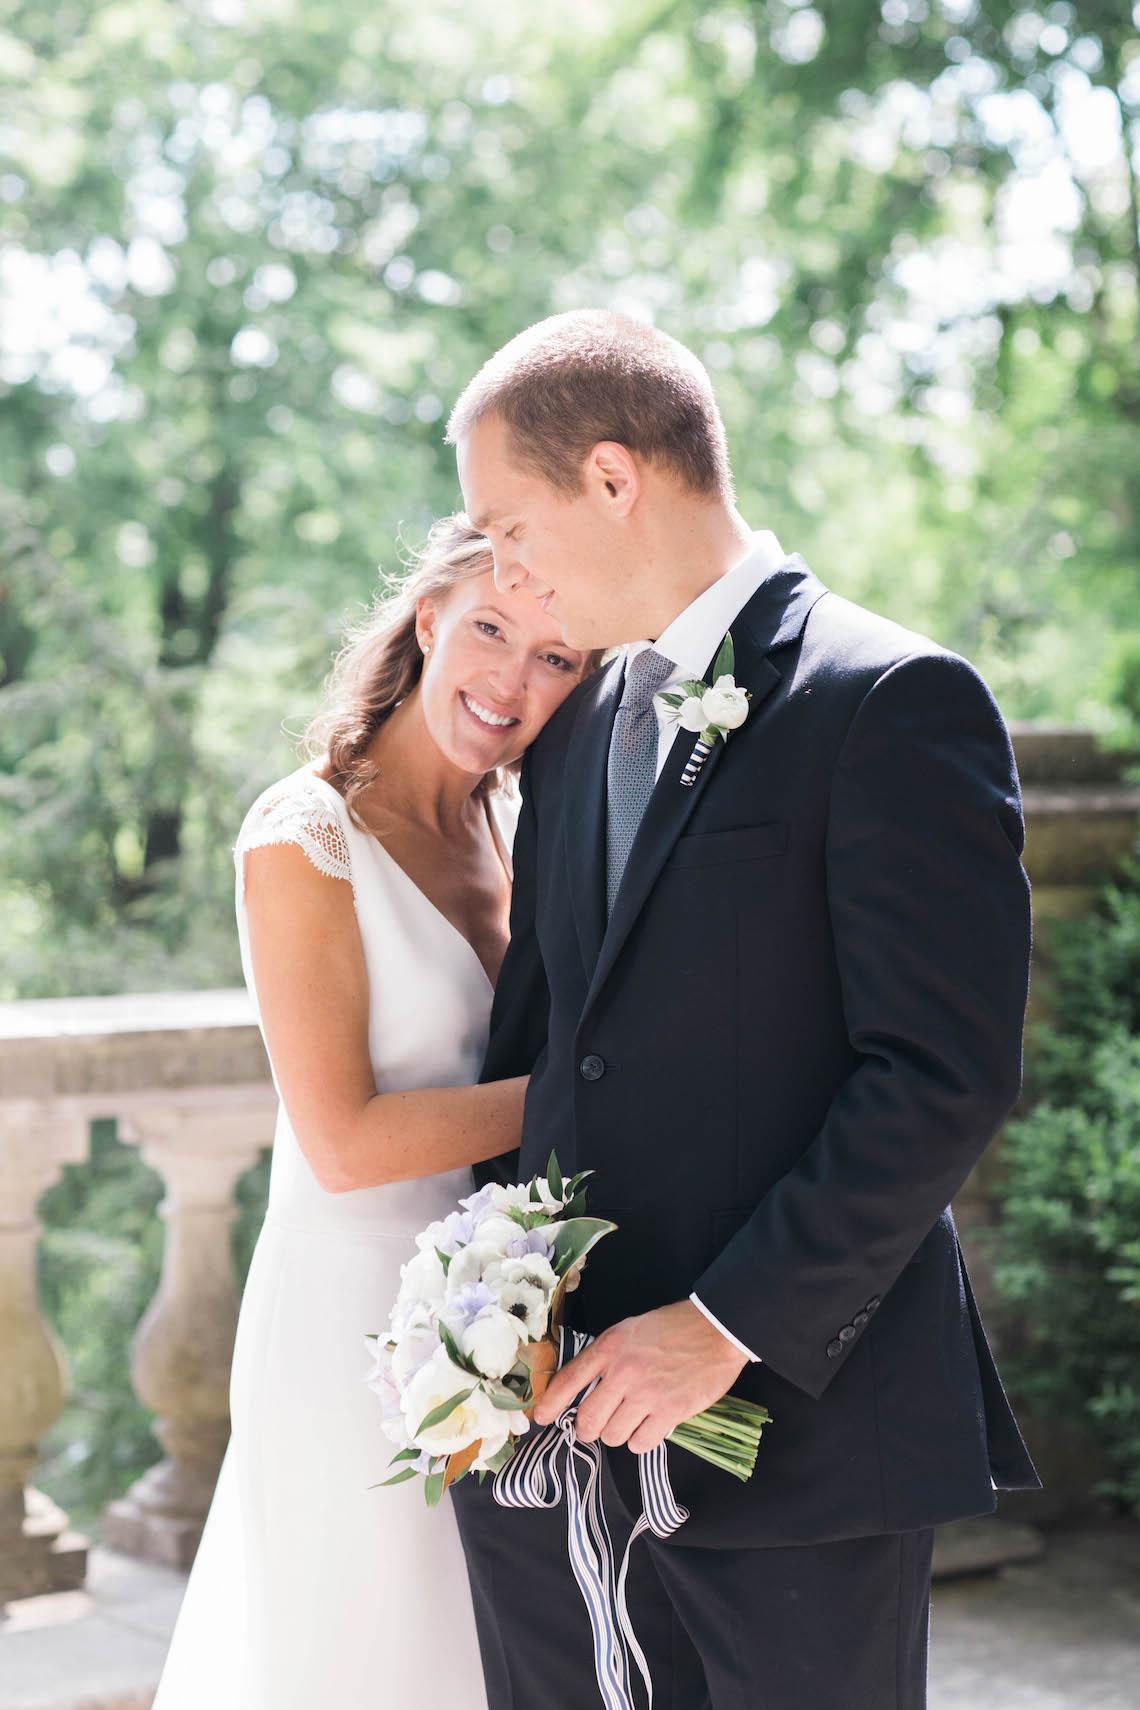 Preppy & Patriotic Wedding by Jamie Clayton and Fete Nashville 34